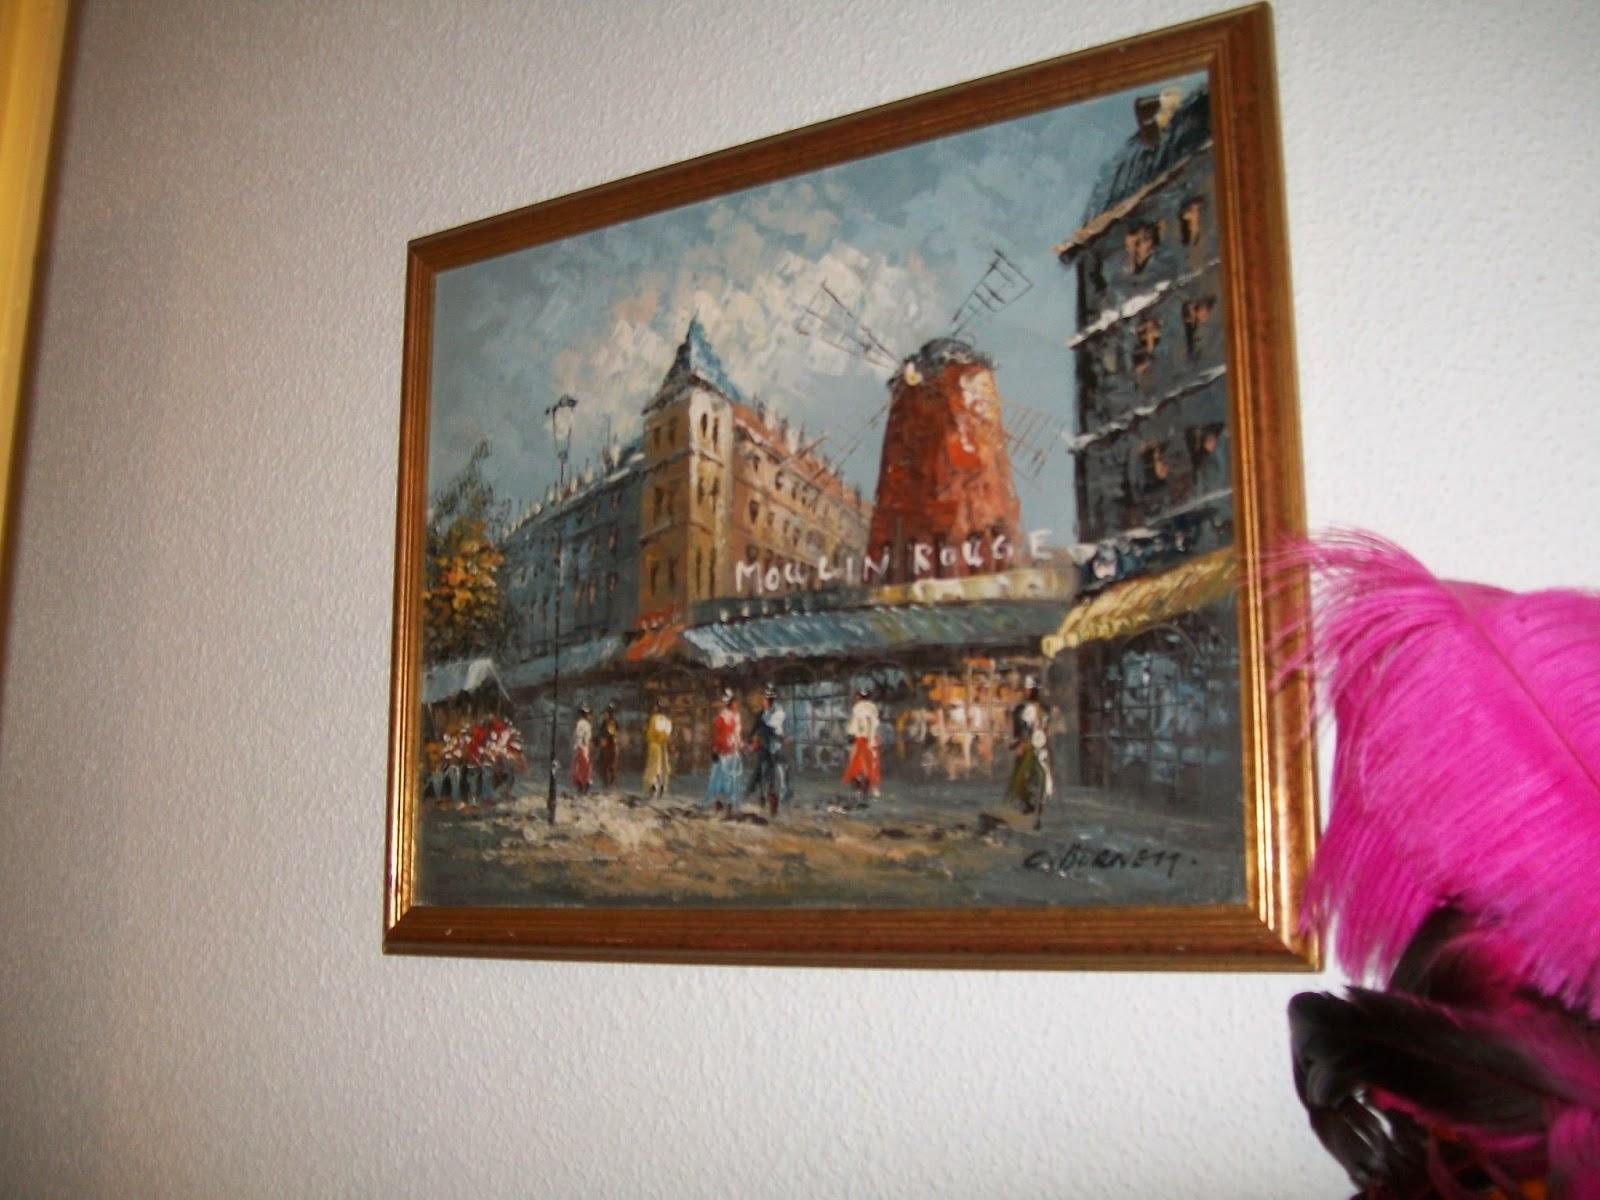 Calogilou le champi tableaux peintures hst moulin - Peintre burnett estimation ...